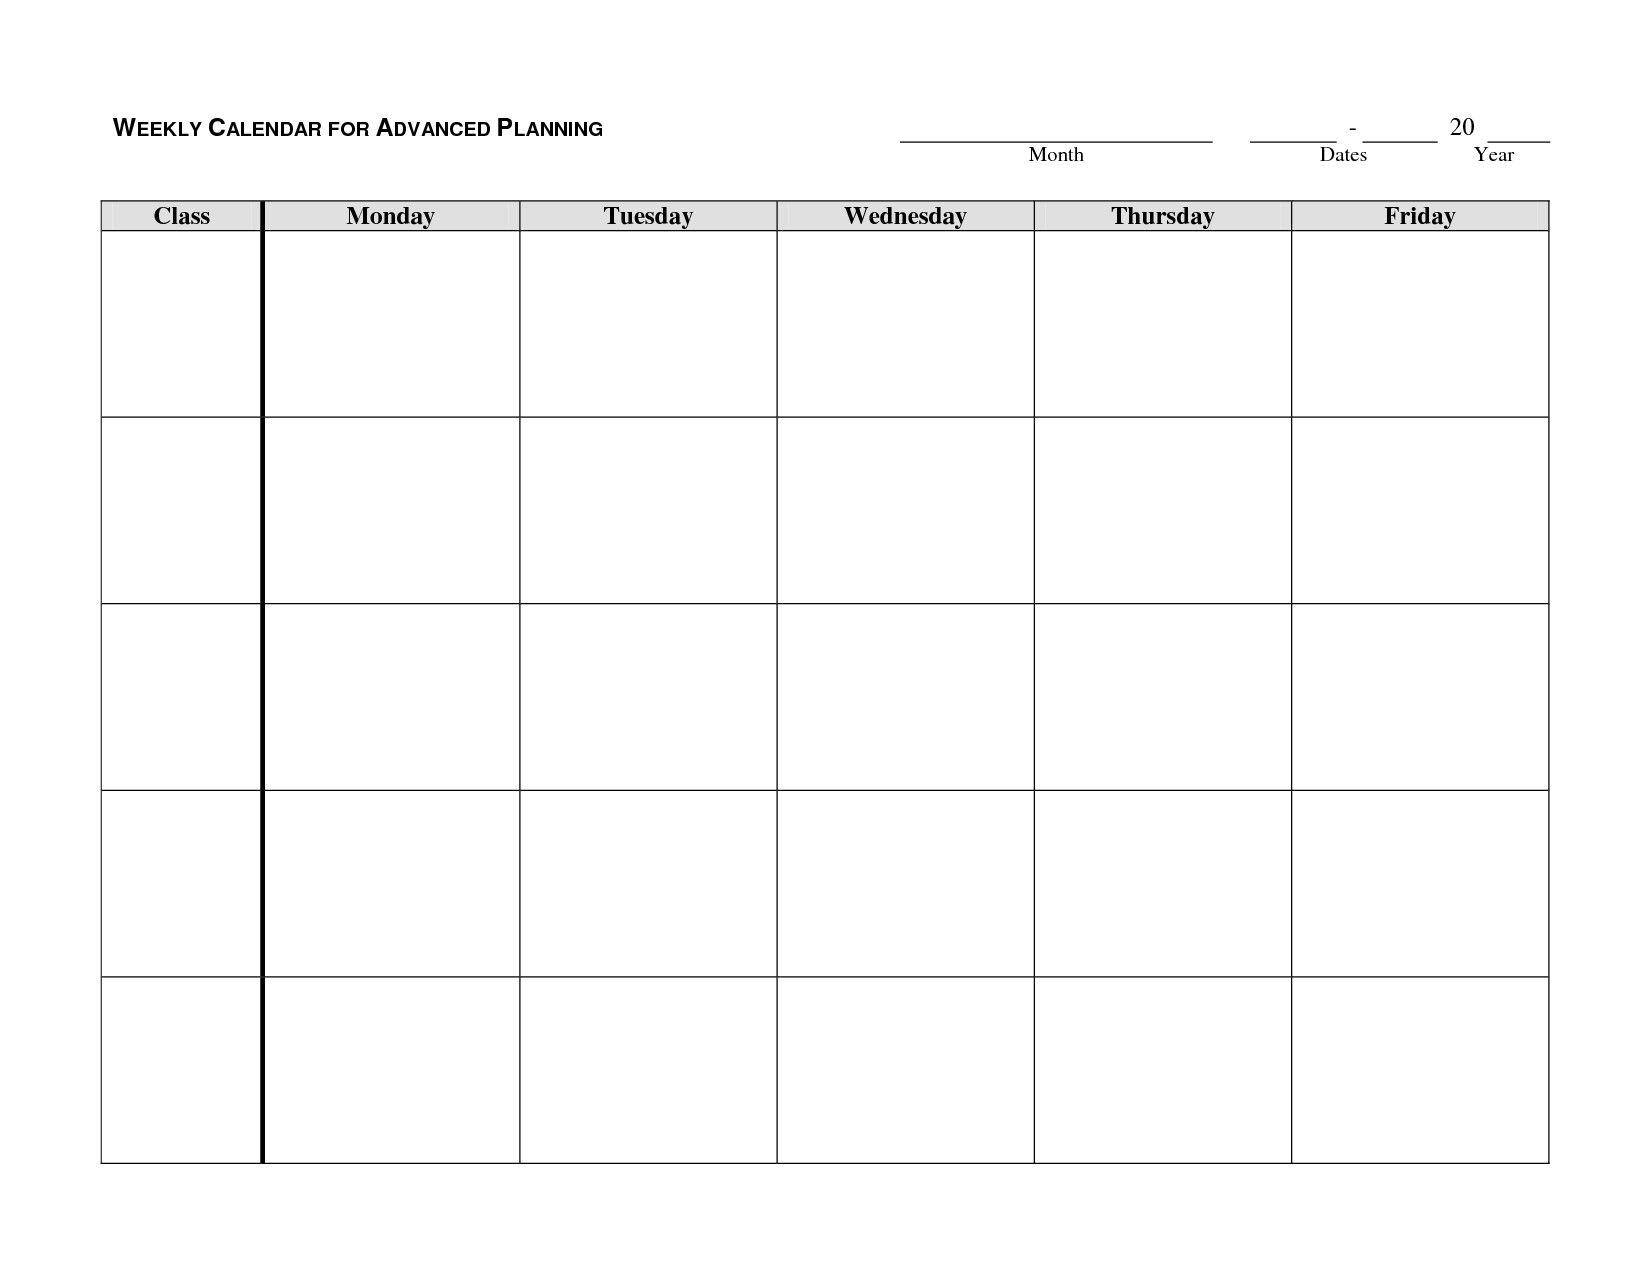 Printable Calendar Monday Through Friday  Yolar.cinetonic with regard to Monday Through Sunday Calendar Template